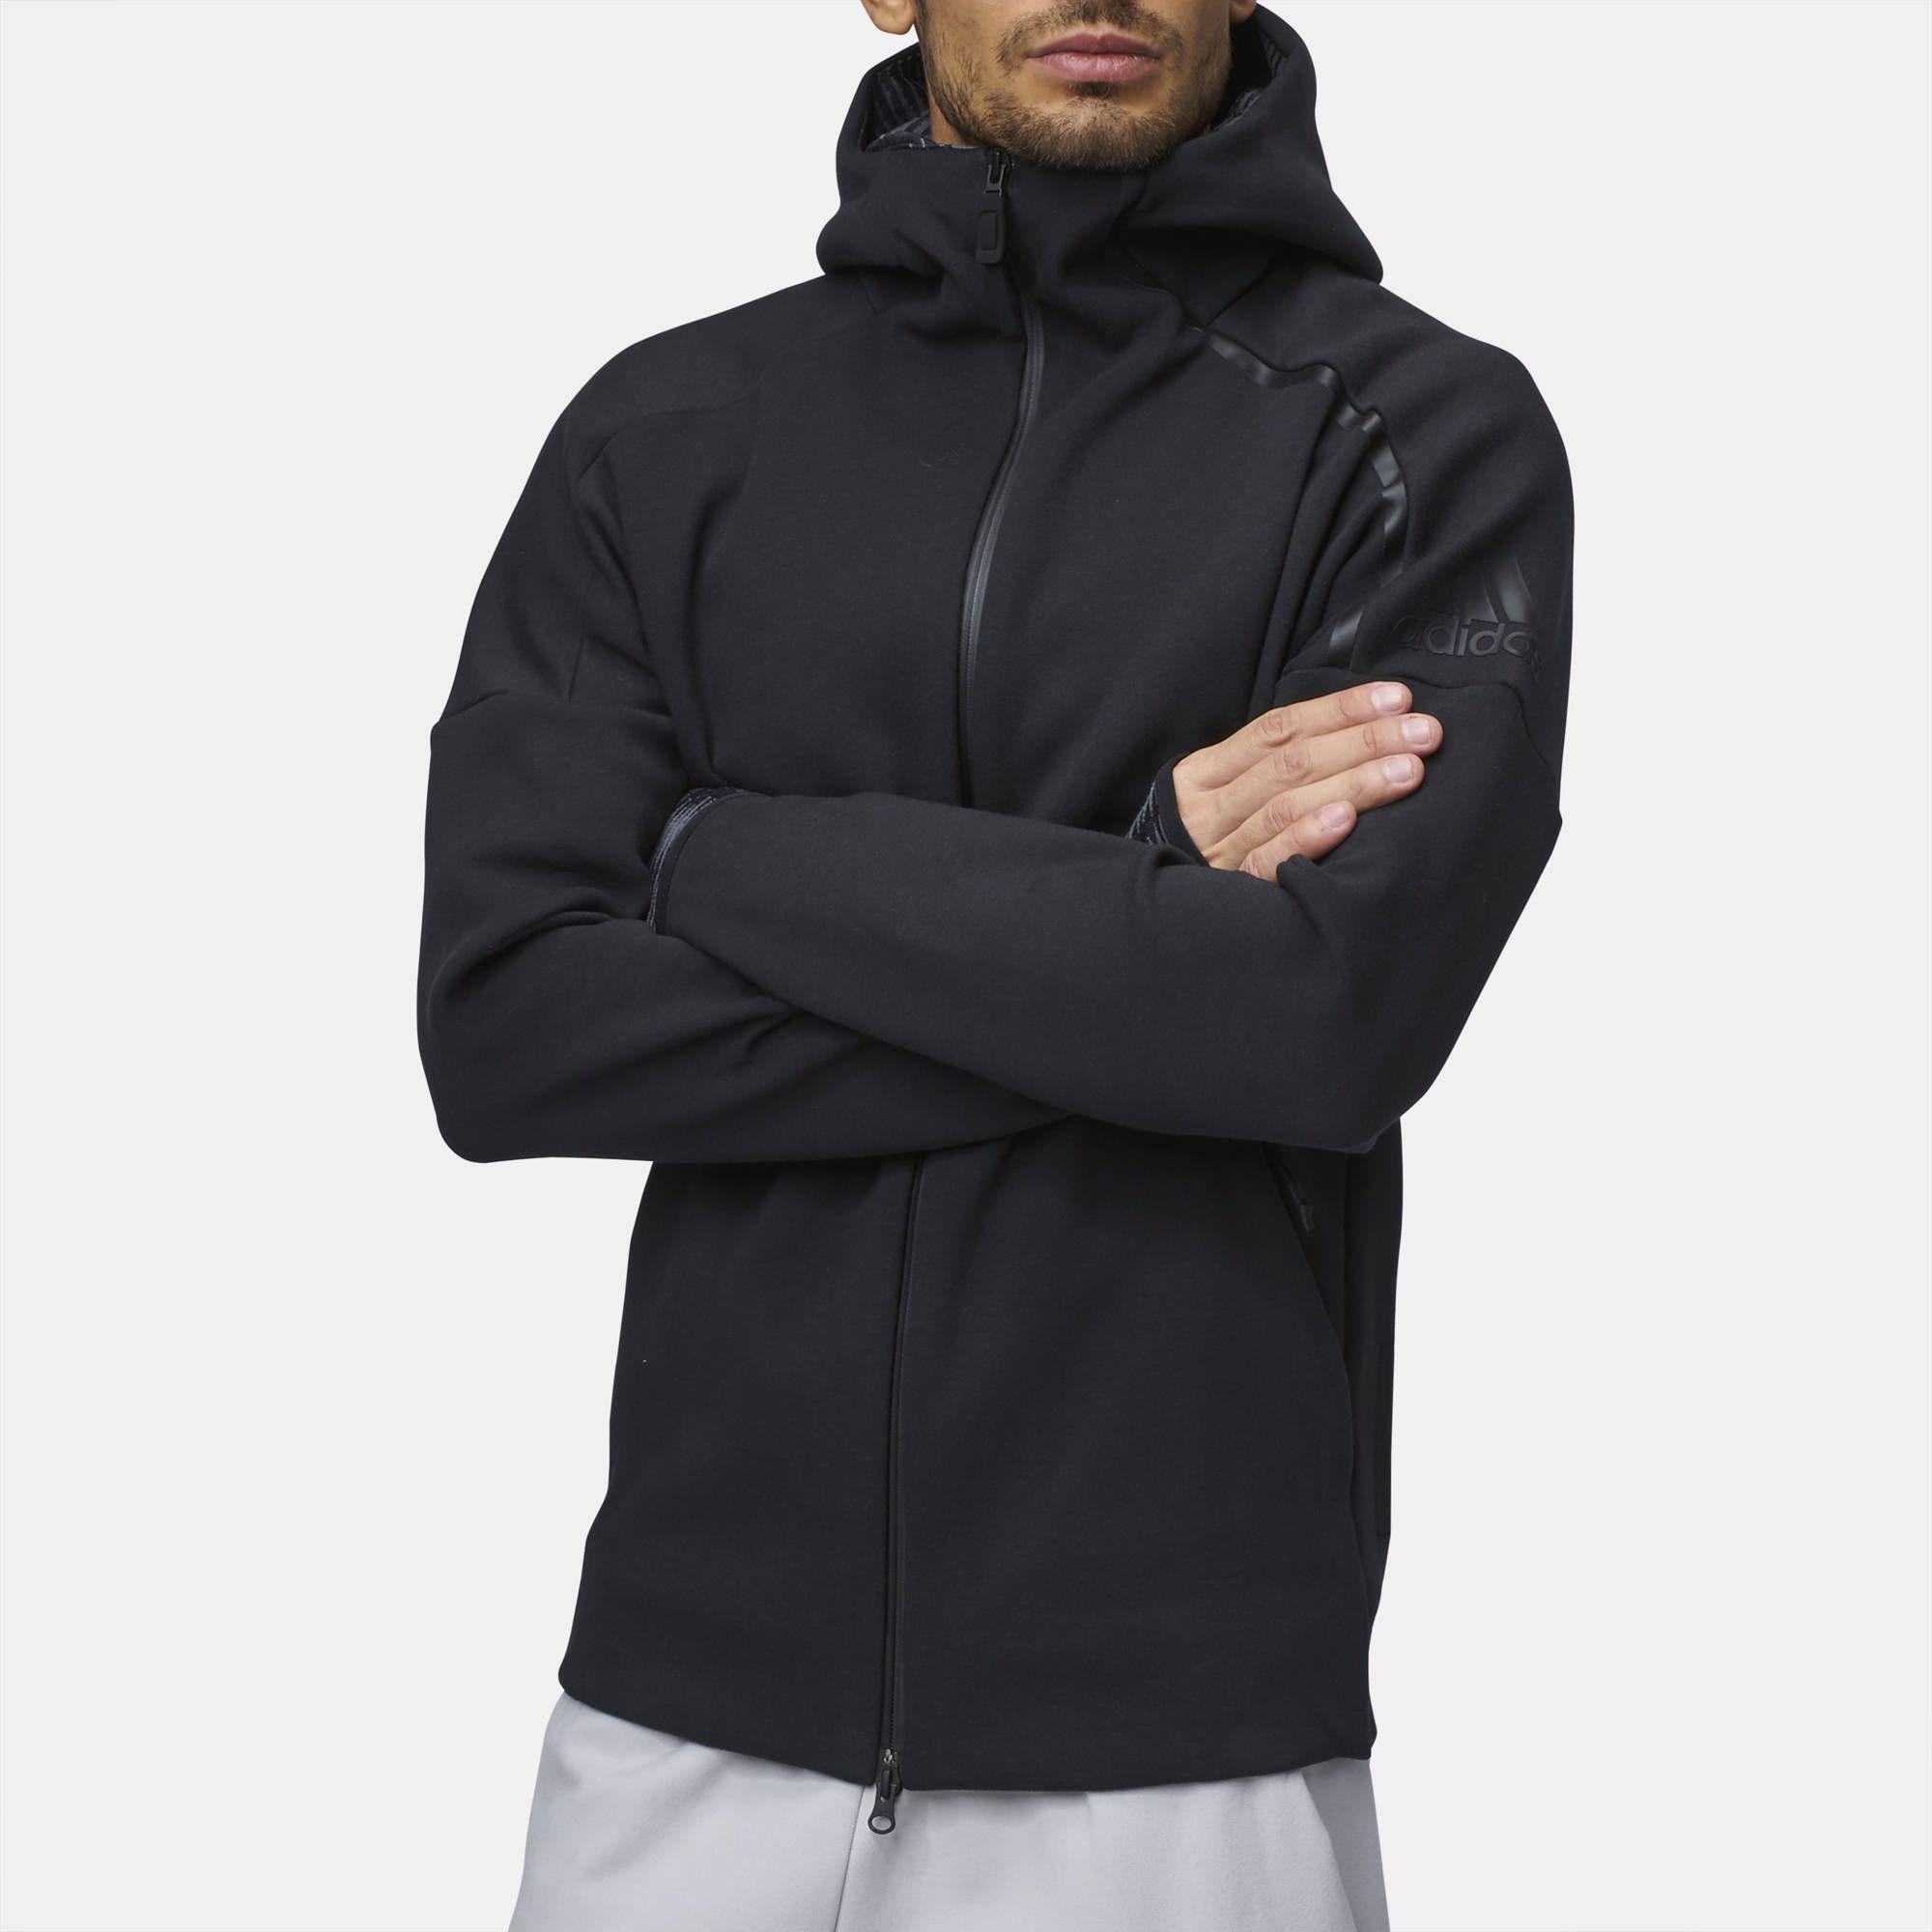 Moda Adidas Pulse Hoodie Resultado Zne Imagem De Para En 2018 nqF6O70